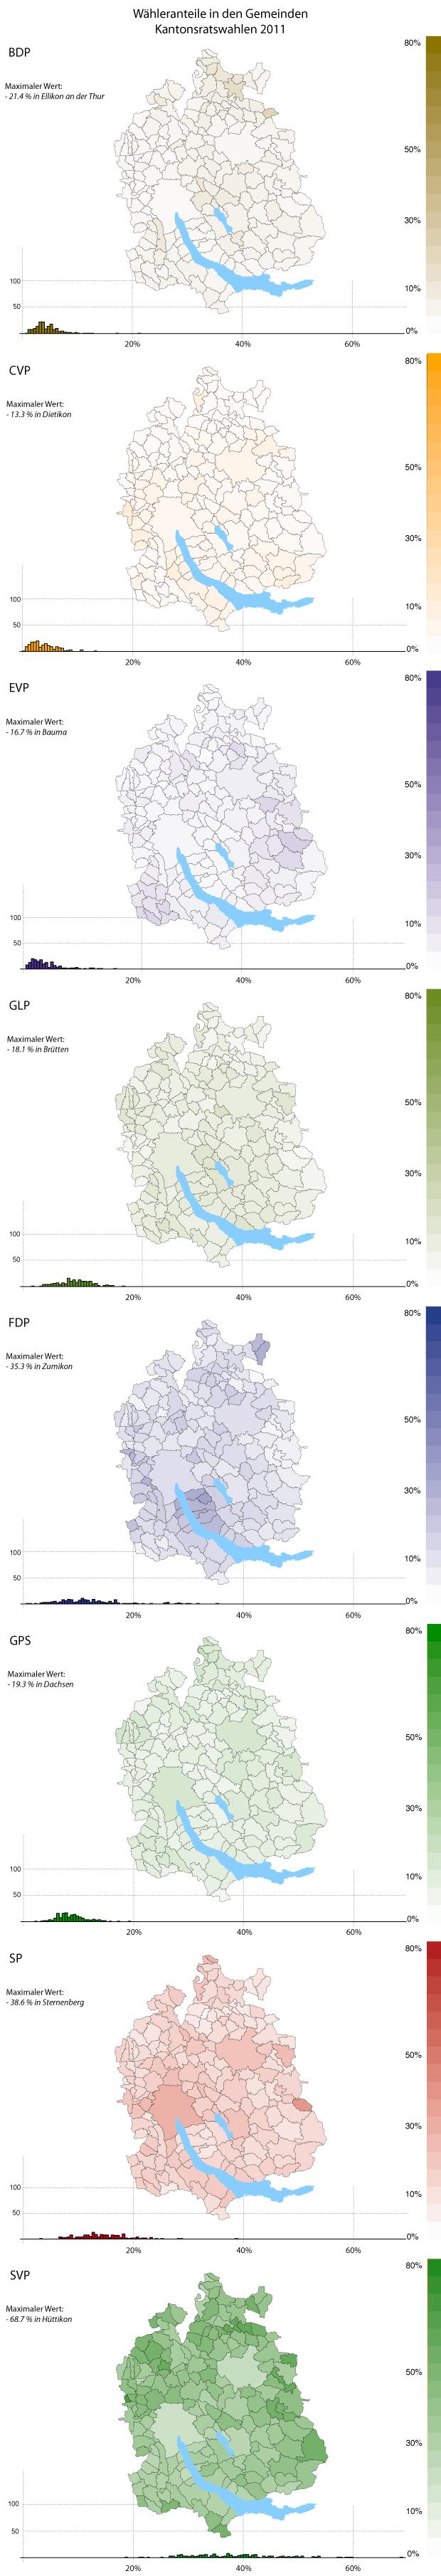 kantonsratswahlen_zh11